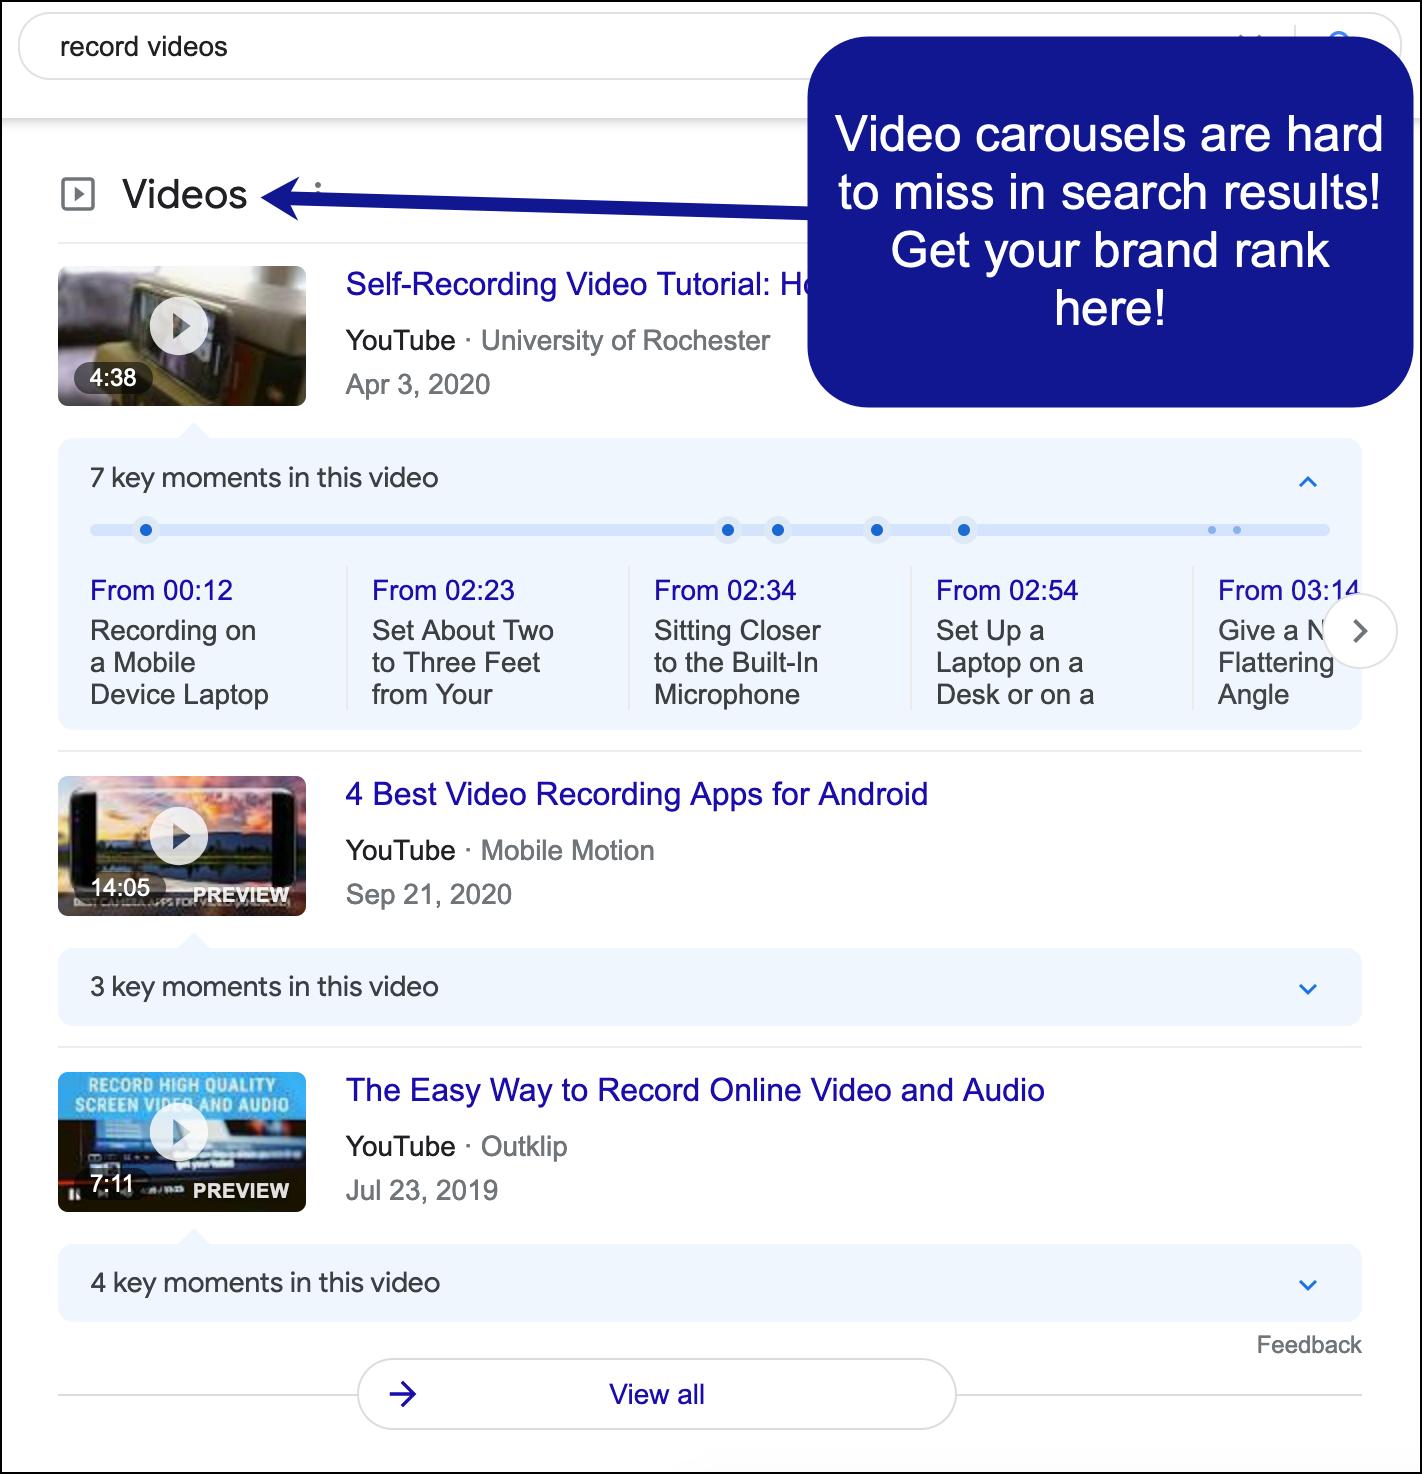 Ejemplo de carruseles de video en los resultados de búsqueda de Google